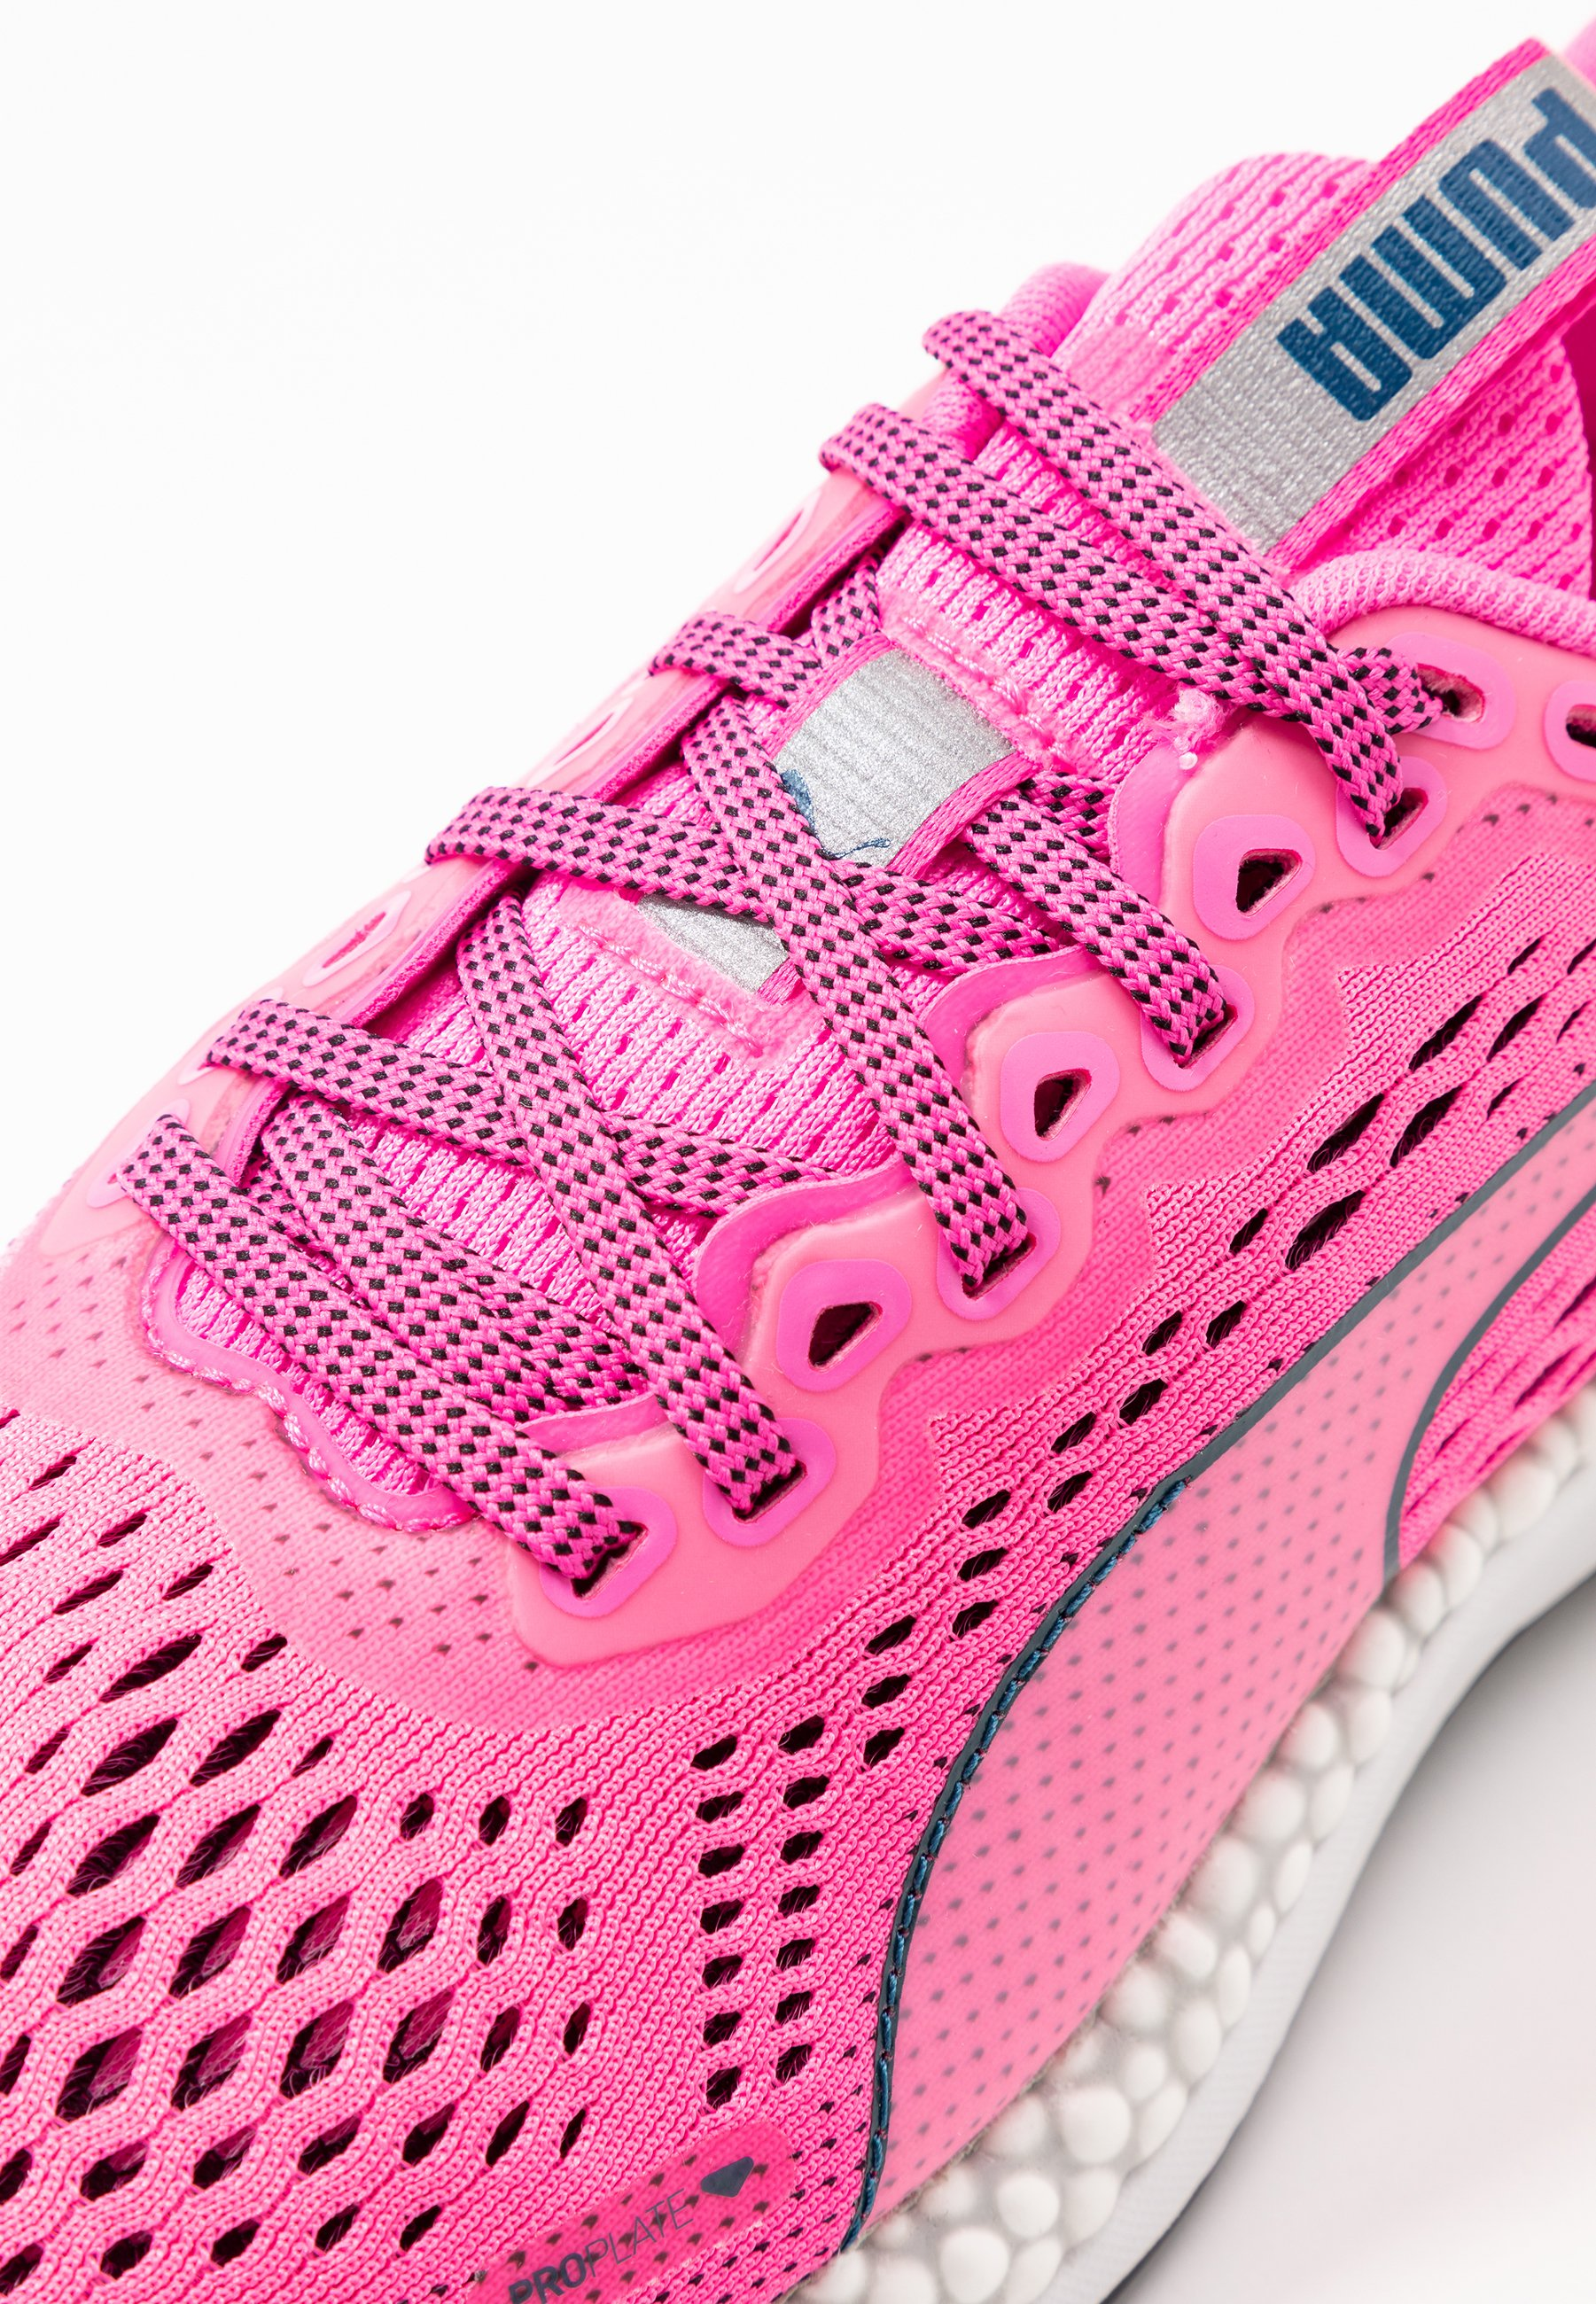 SPEED 600 2 Chaussures de running neutres luminous pinkdigiblue